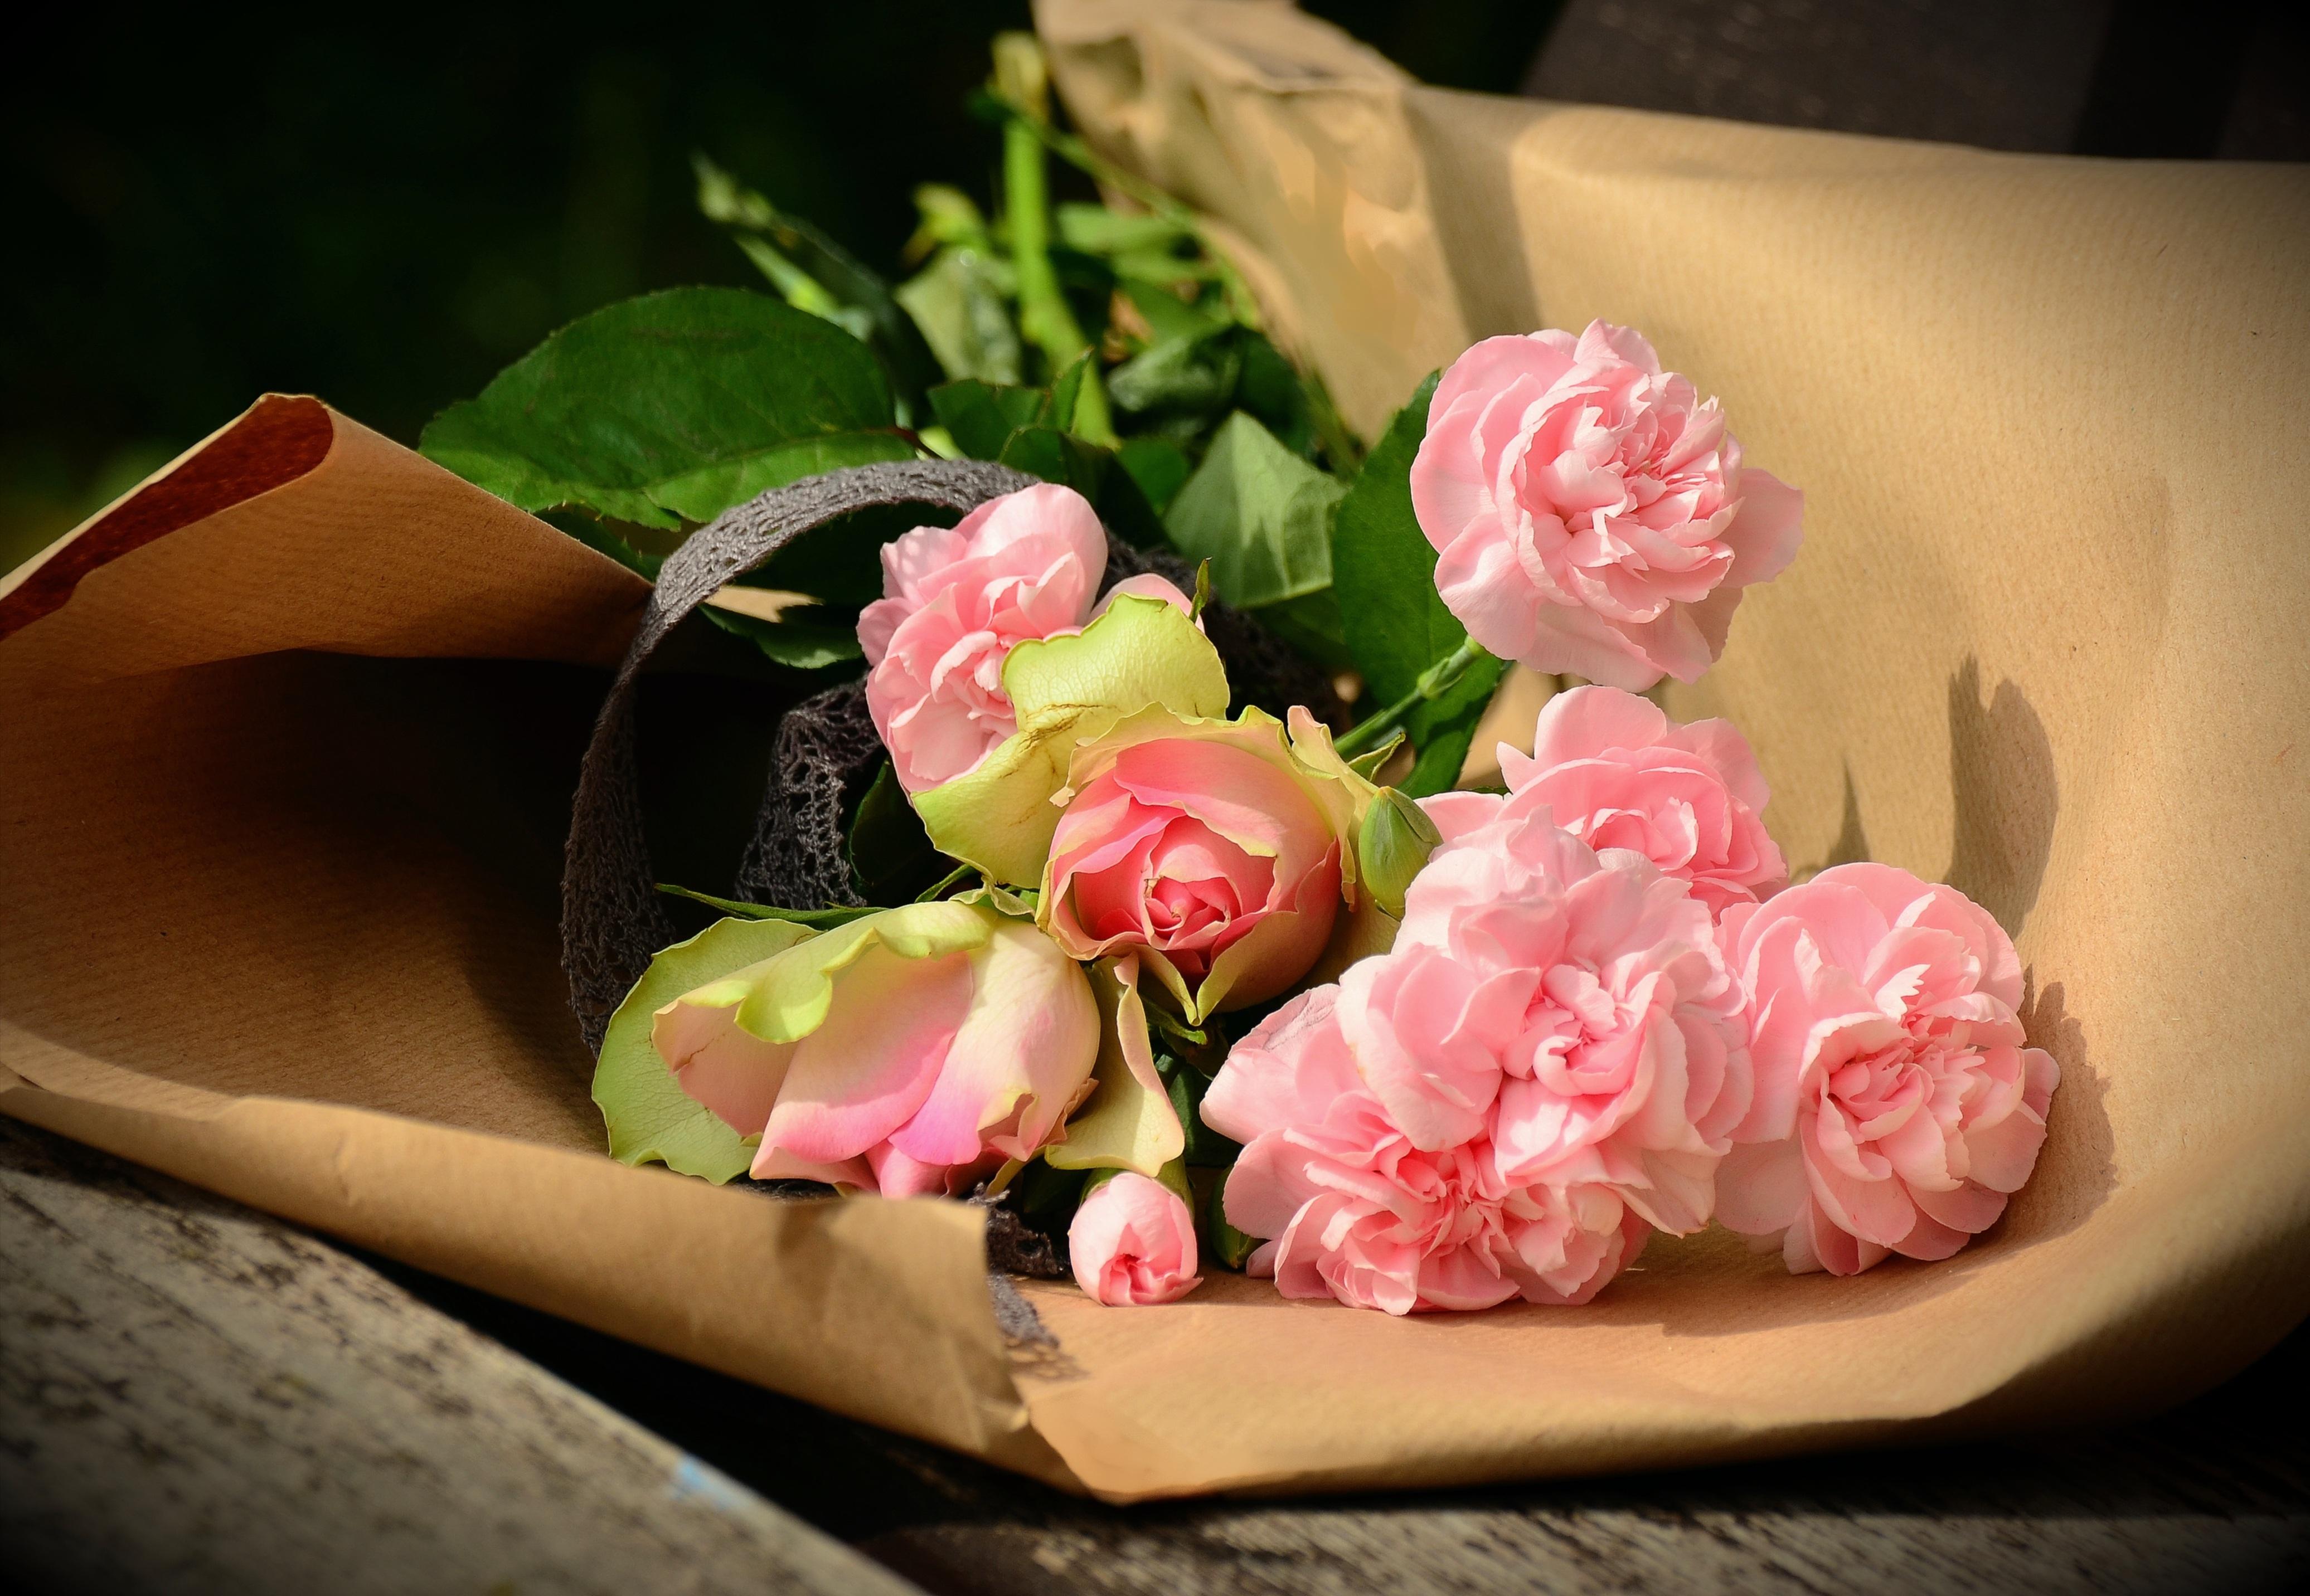 розы,упаковка,букет,праздник  № 759906 без смс